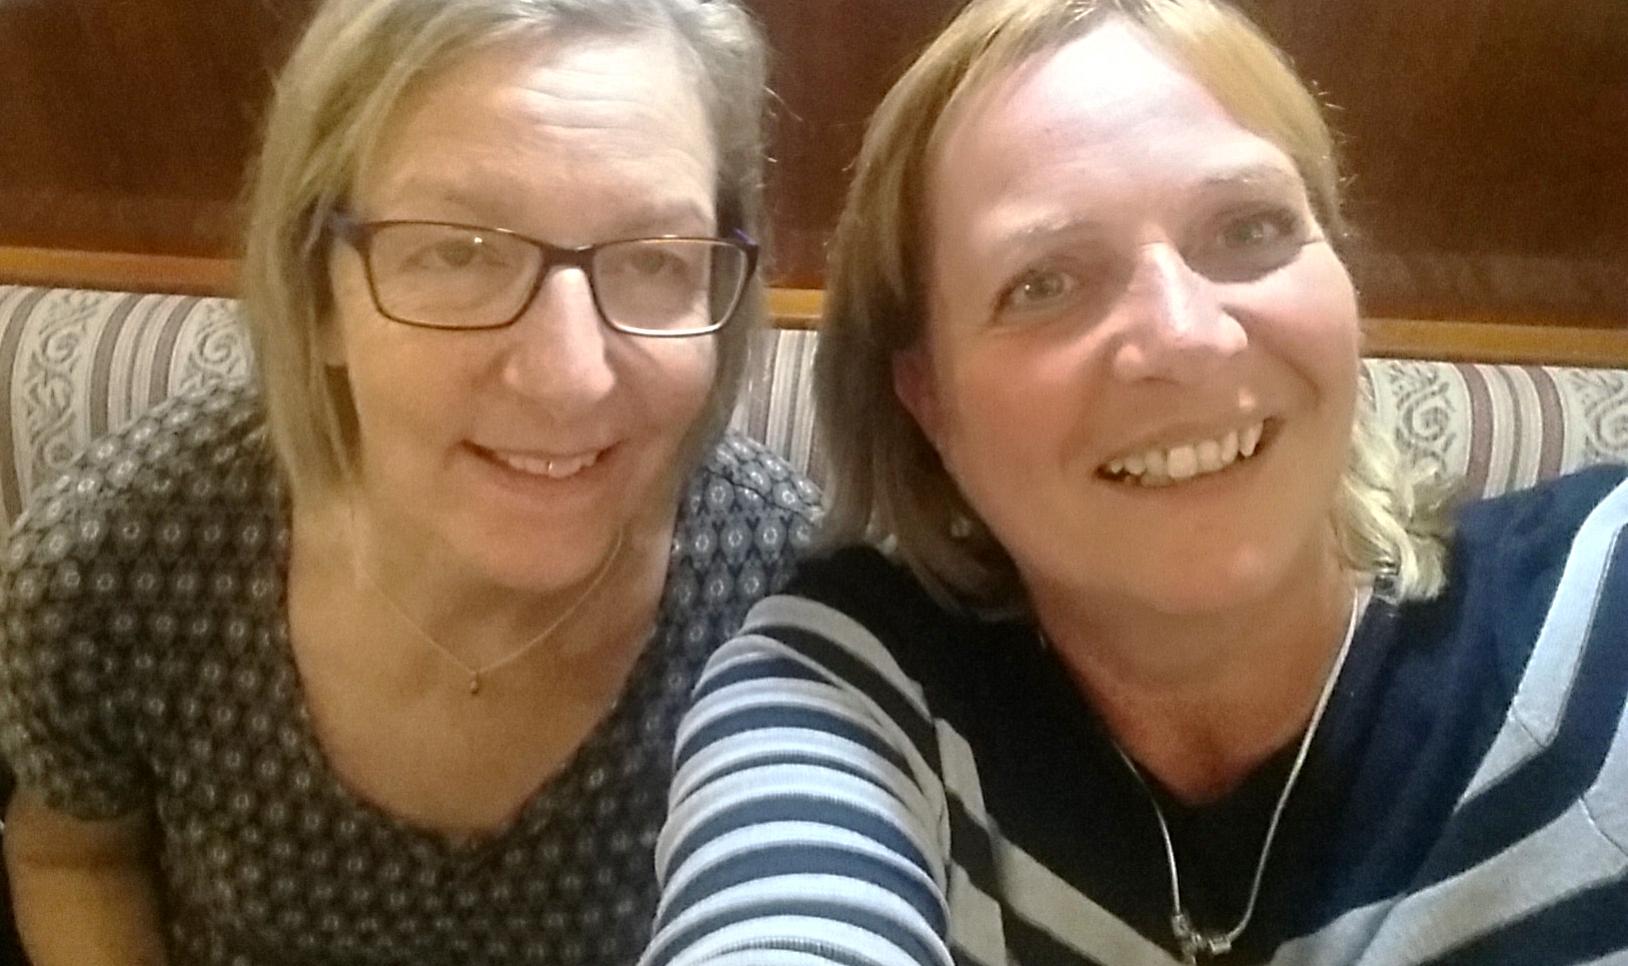 Nach der Siegerehrung: Gewinnerin Heide und ich im Selfie-Modus